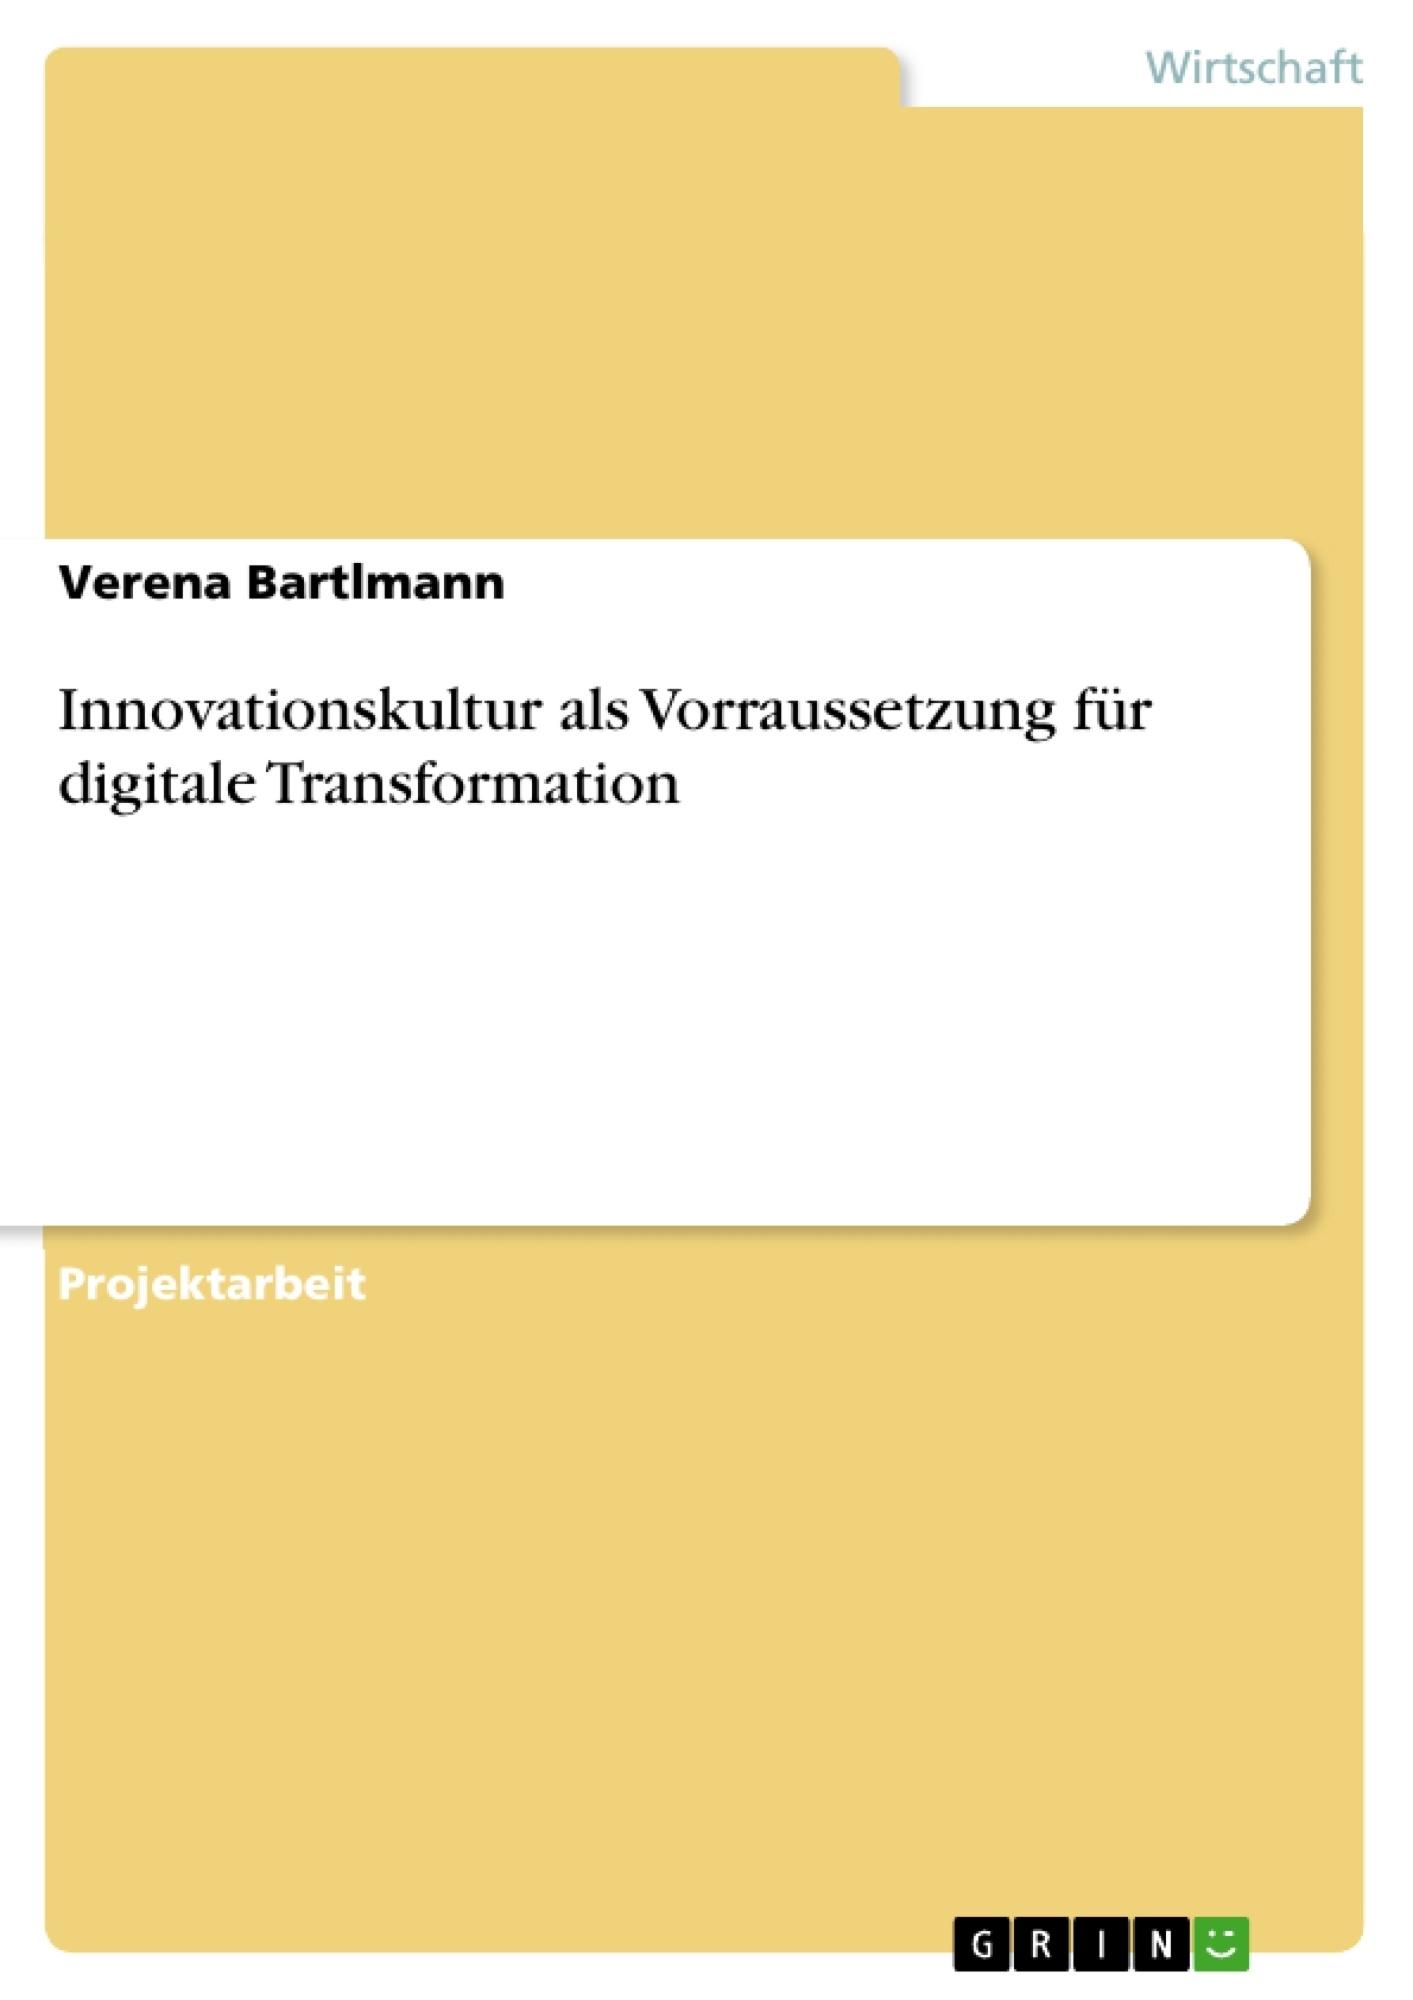 Titel: Innovationskultur als Vorraussetzung für digitale Transformation